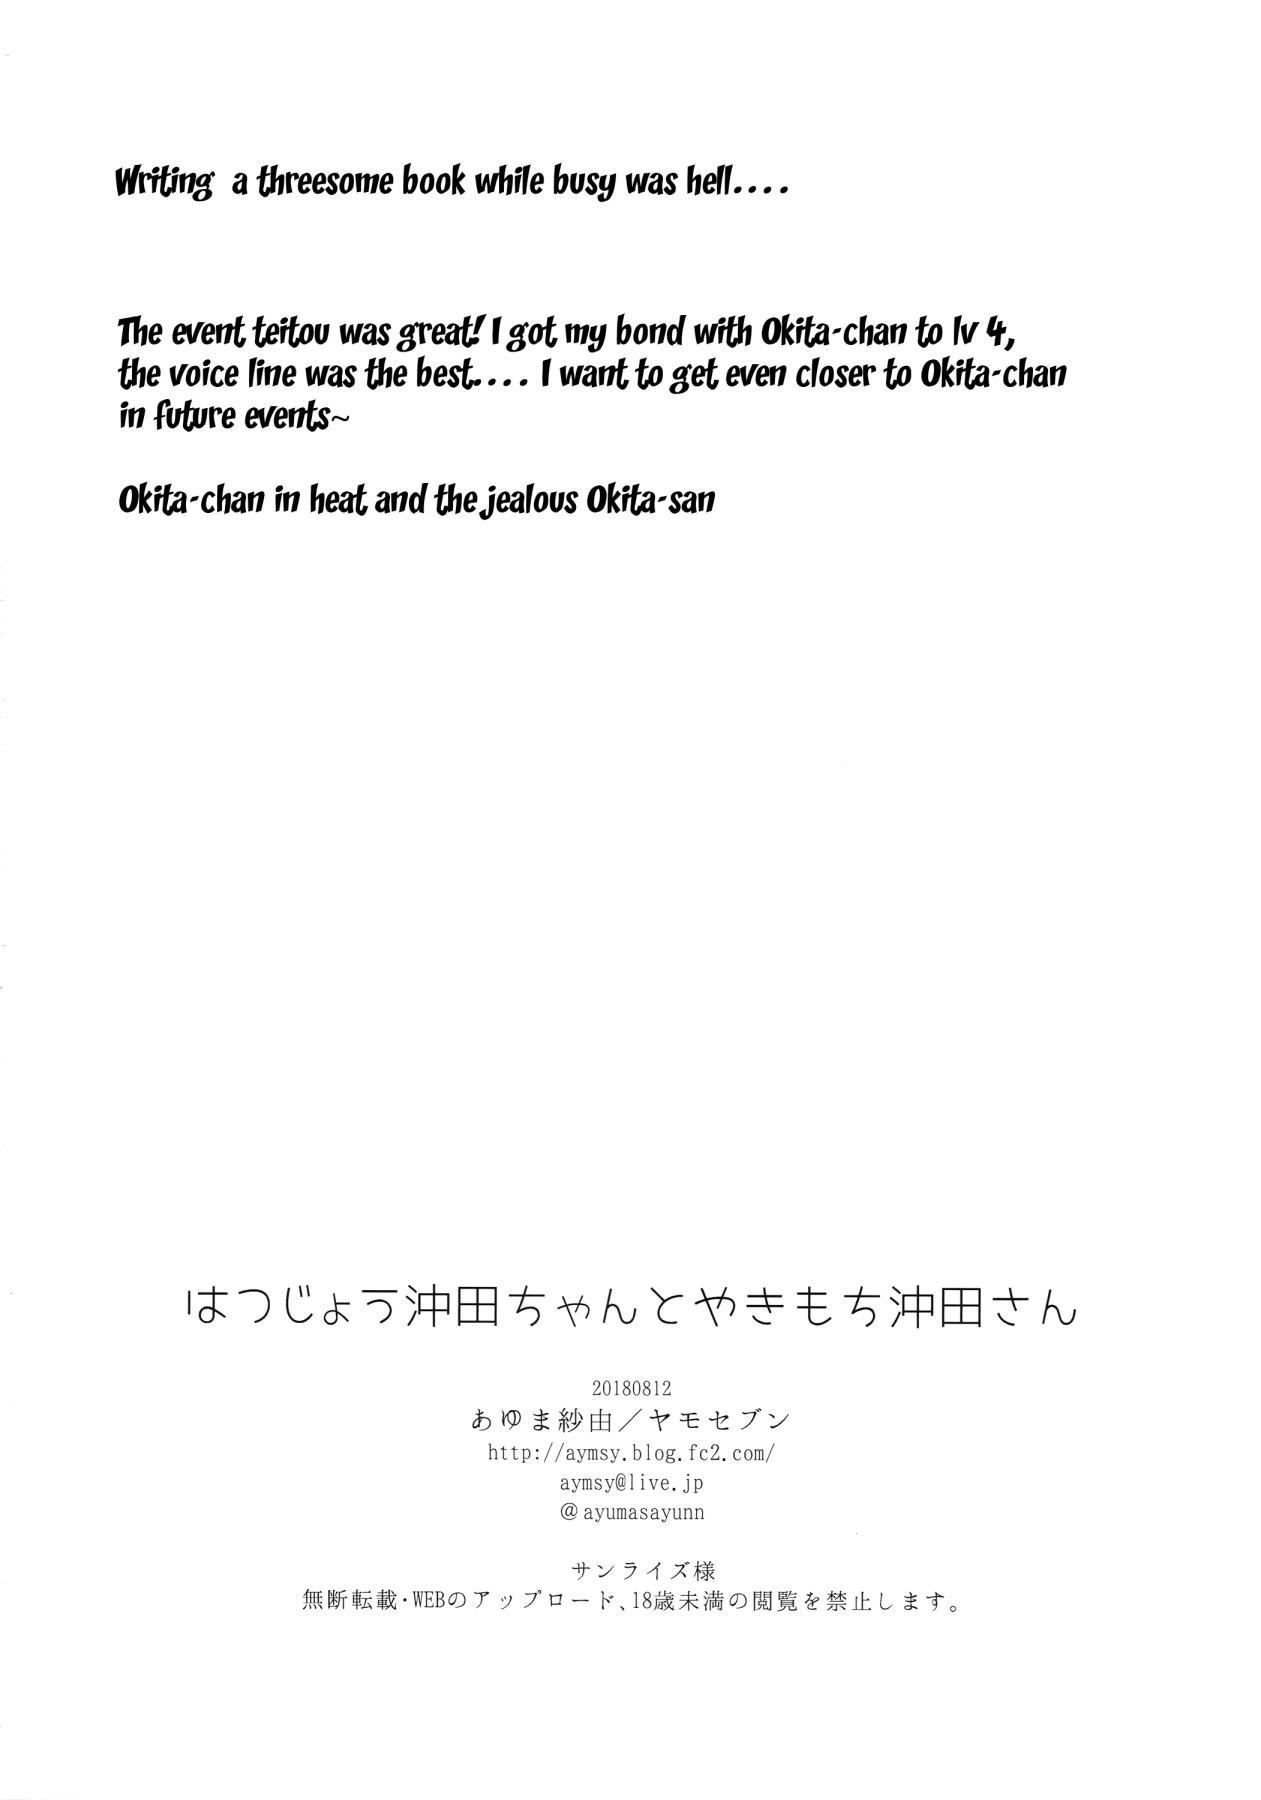 (C94) [Yamo7 (Ayuma Sayu)] Hatsujou Okita-chan to Yakimochi Okita-san (Fate/Grand Order) [English] {Doujins.com} 23